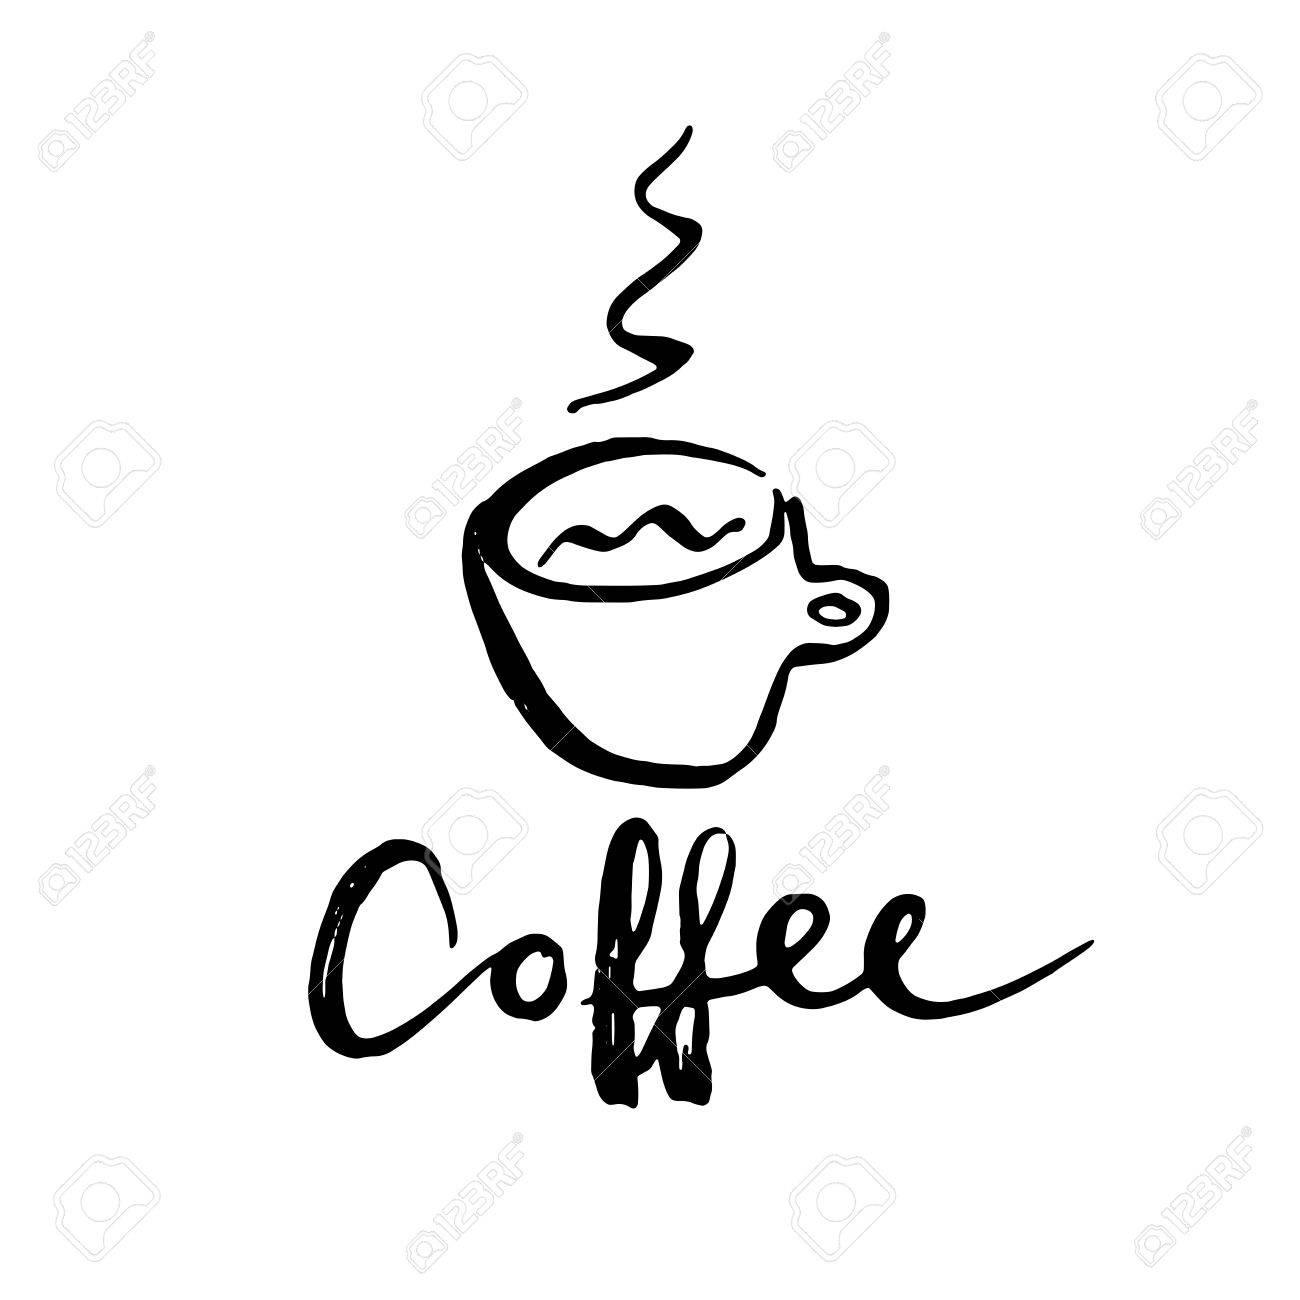 Letras La Palabra Café Cartas Manuscritas Con Taza De Café Letra Moderna Del Cepillo Puede Ser Utilizado Para La Impresión Bolsos Camisetas